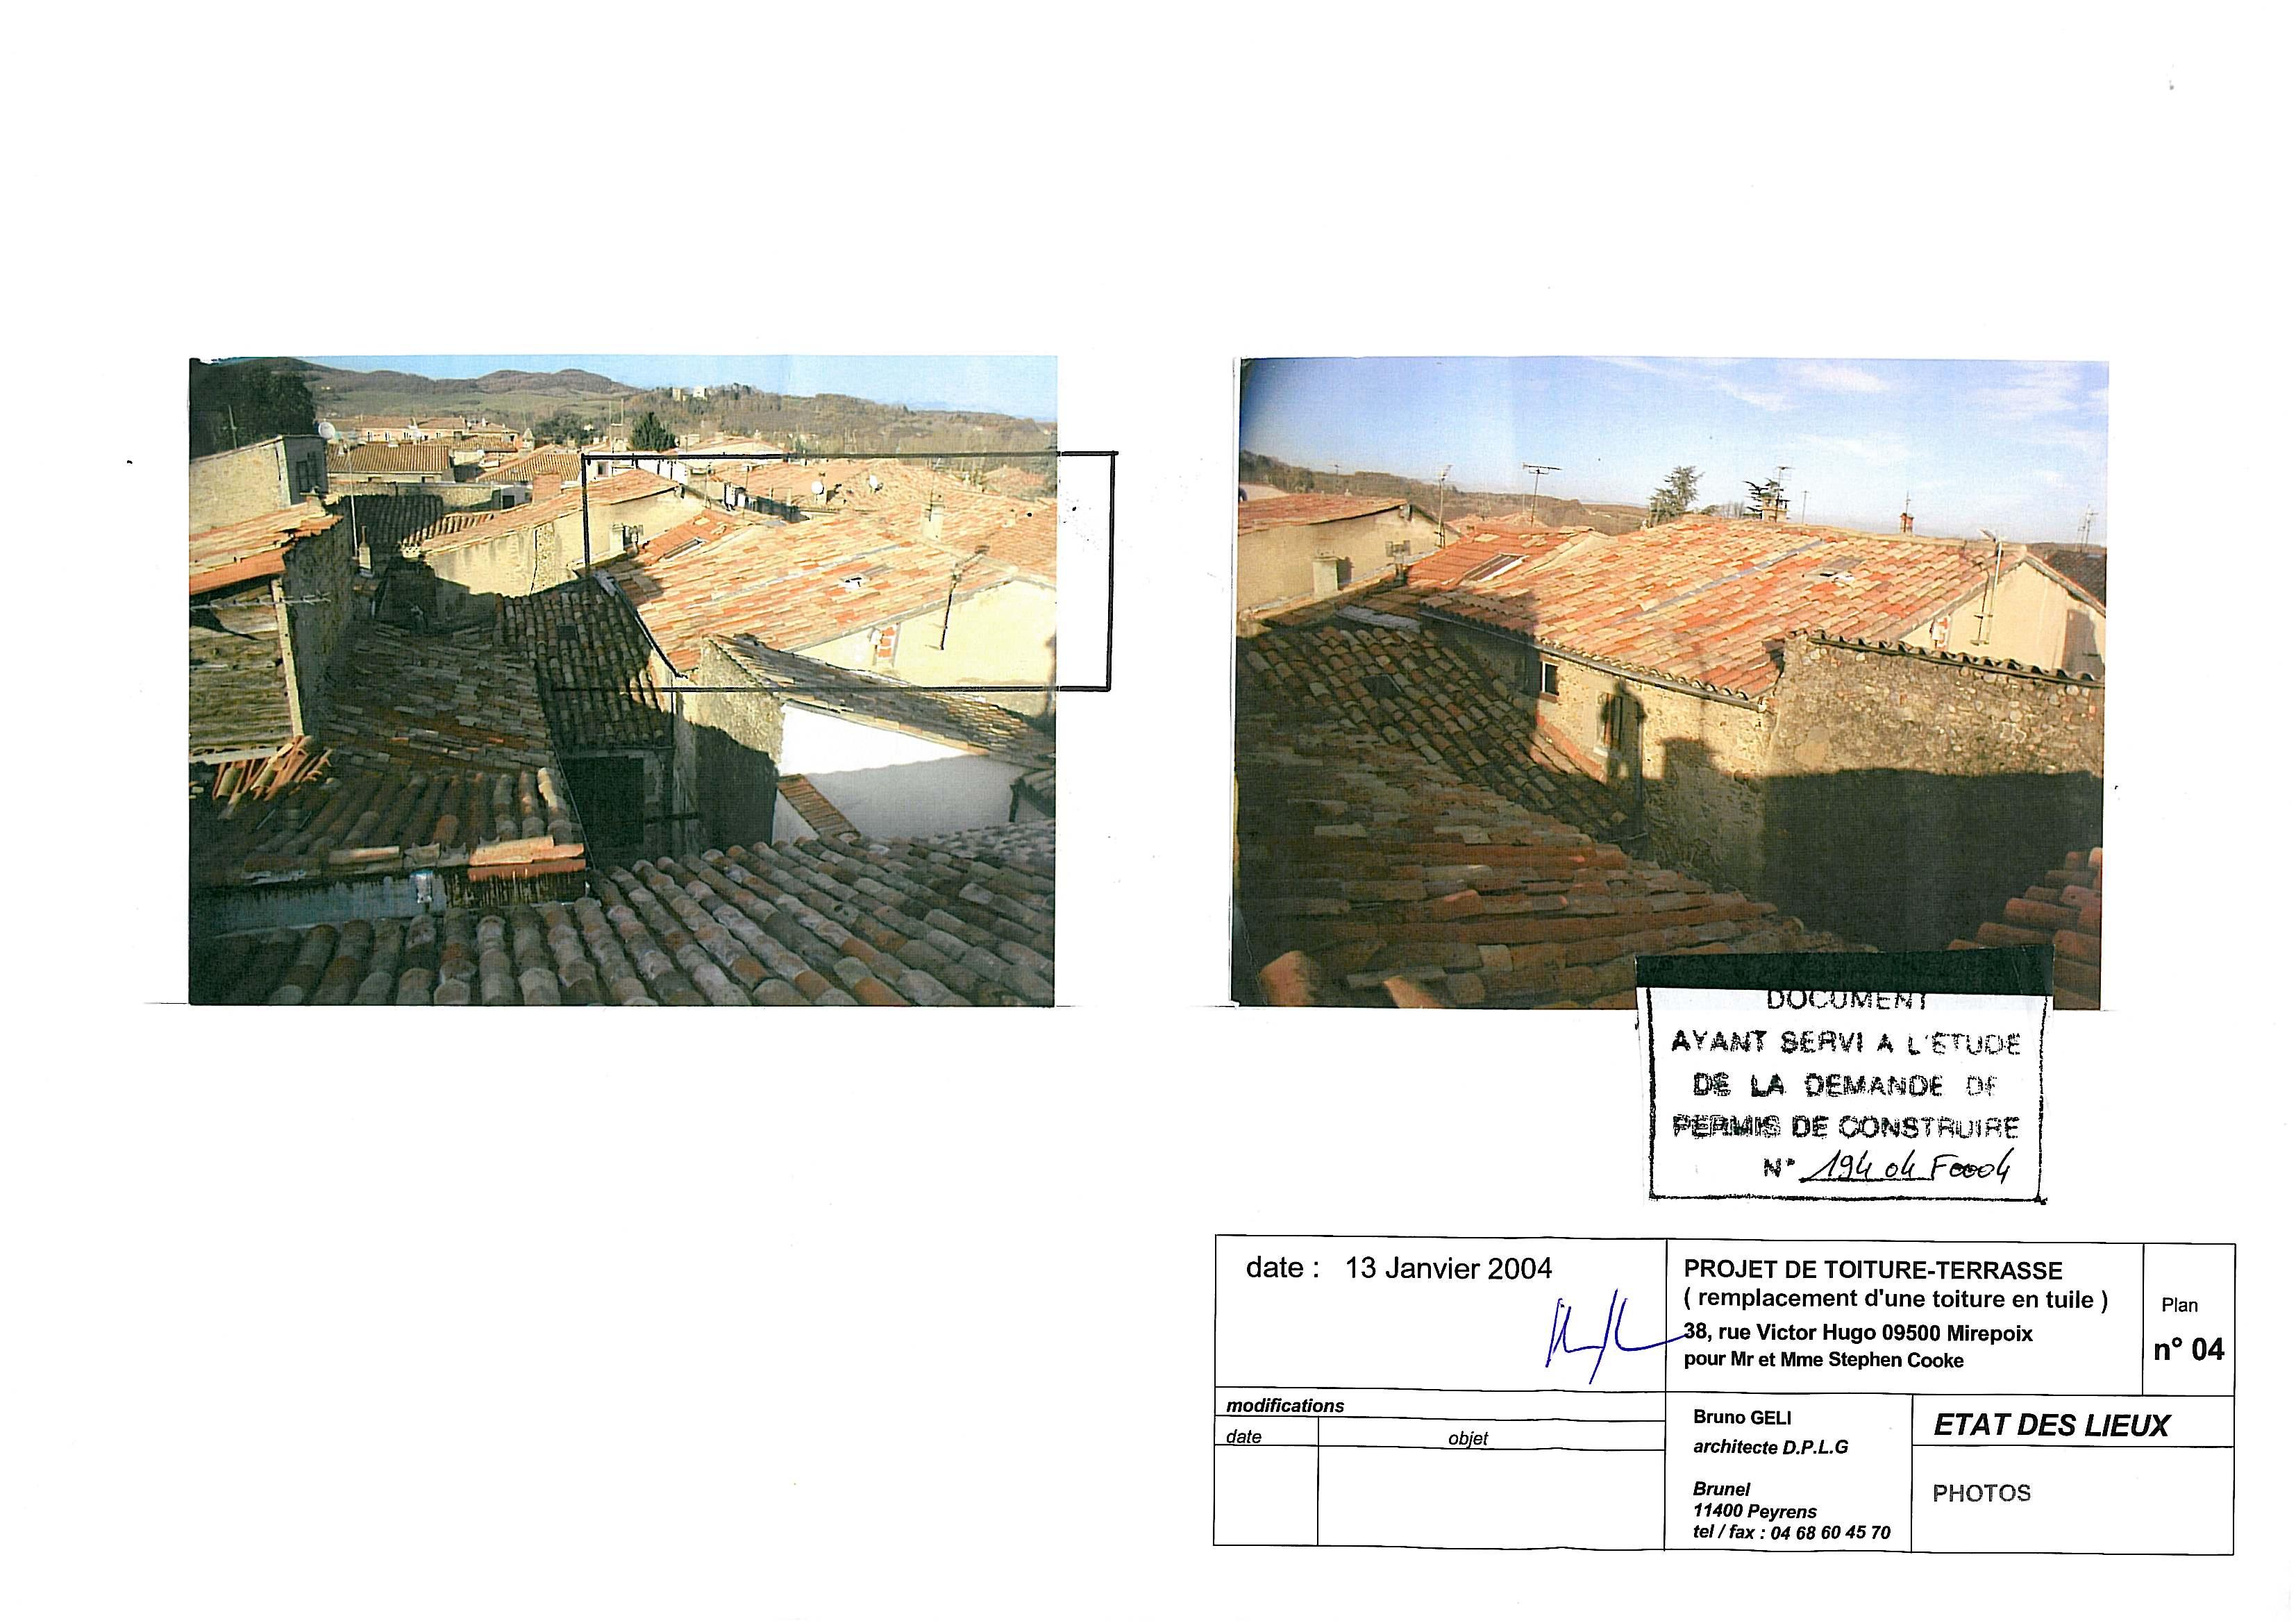 Etat des lieux, vues des toitures